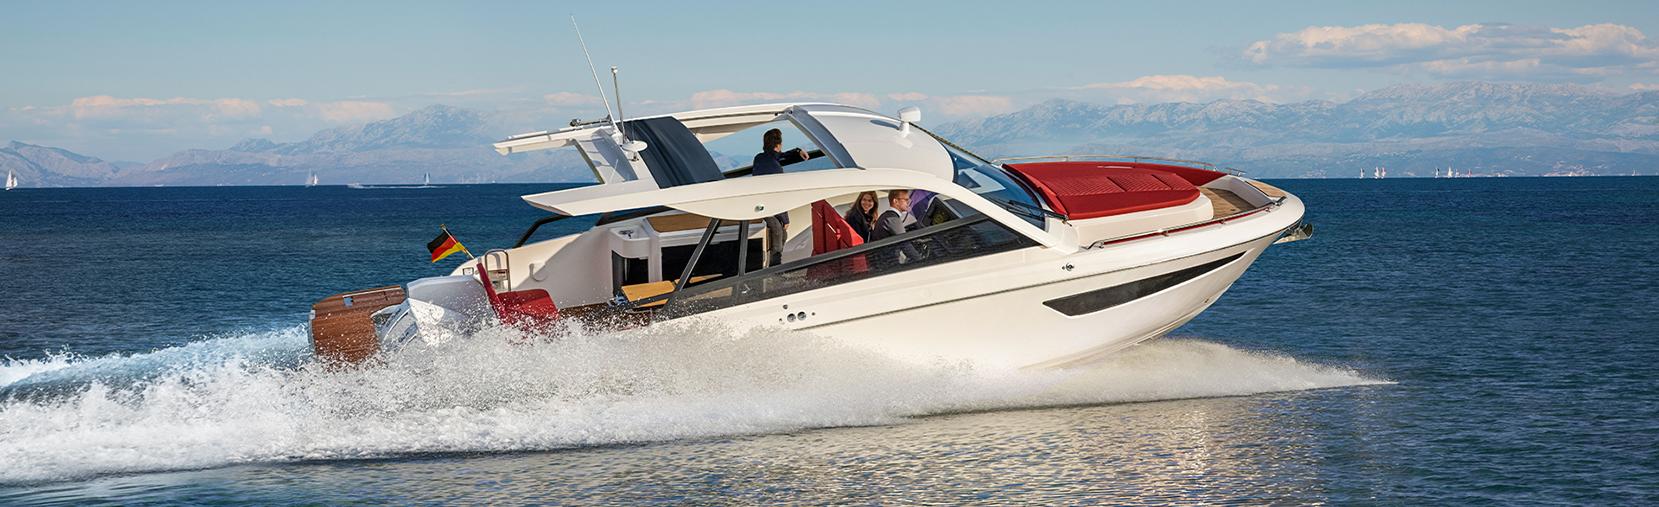 Bavaria Vida 33 boat